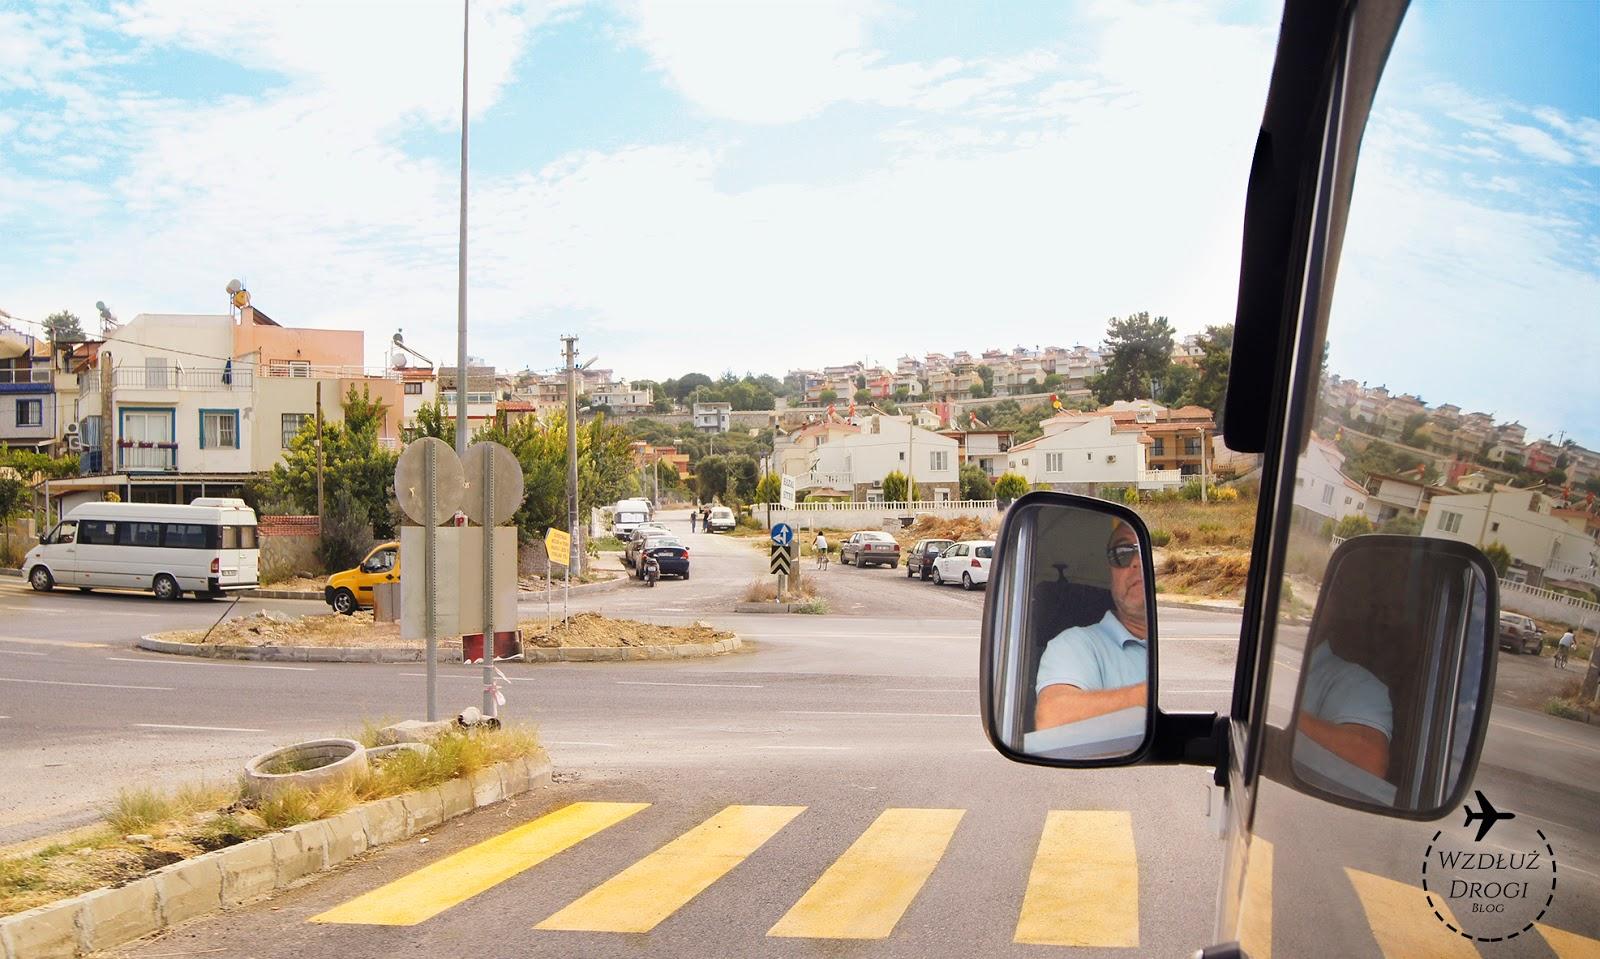 turcja, droga, ulica